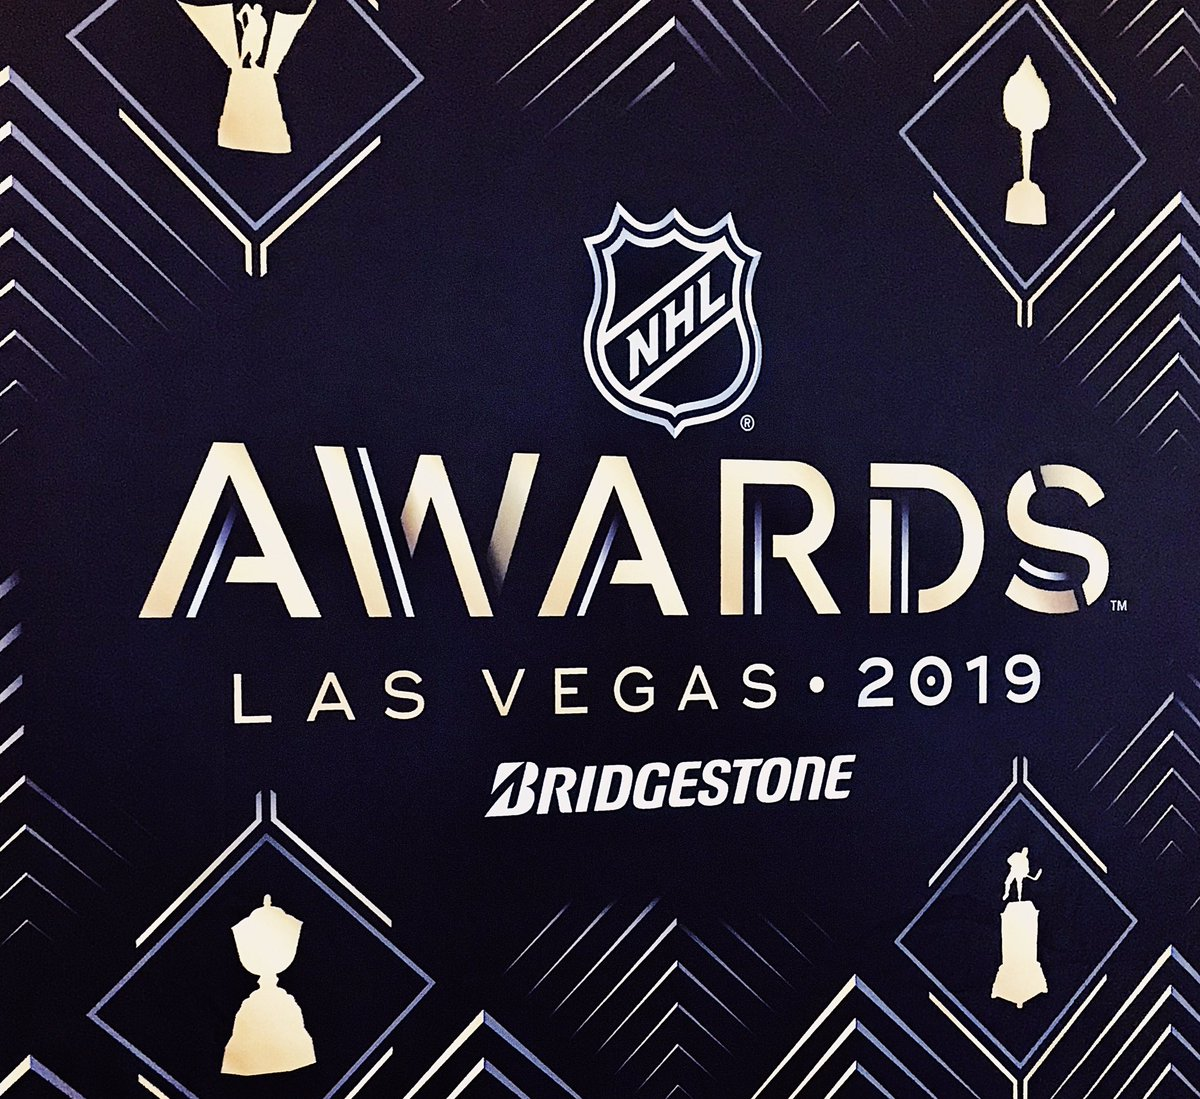 We here. #NHLAwards